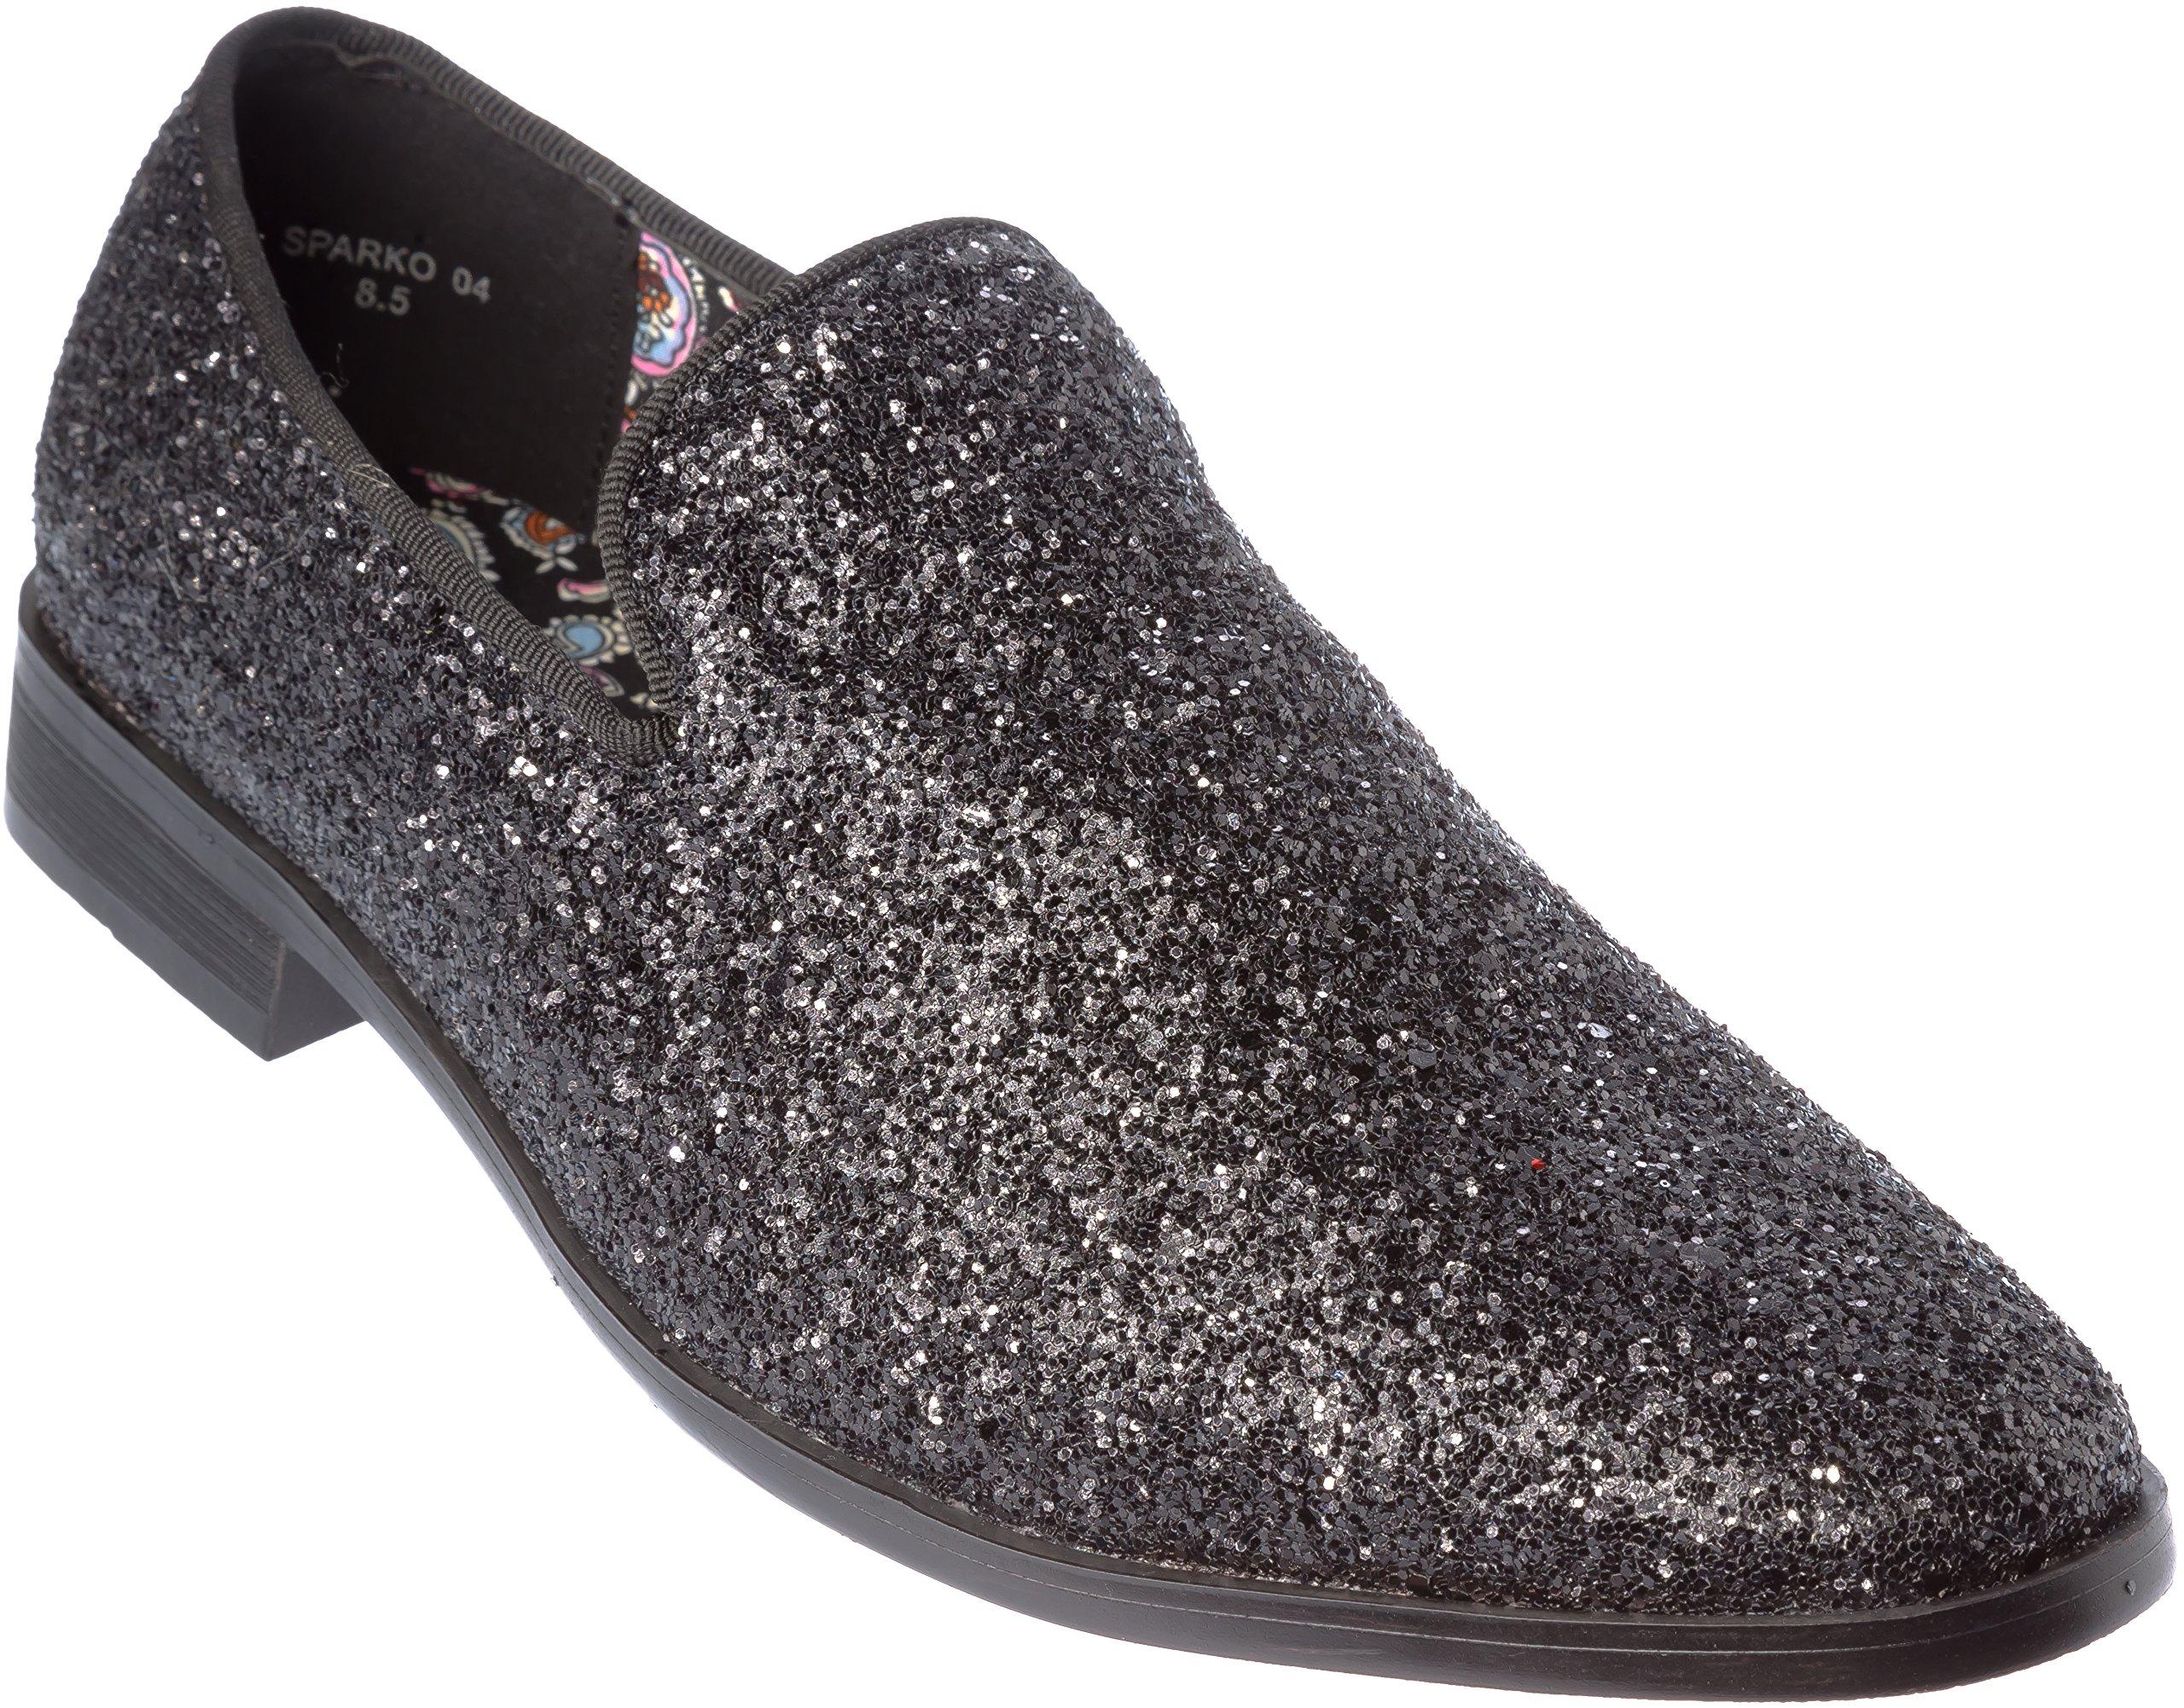 Mens Loafer-Fashion Slip-On Sparkling-Glitter Black Dress-Shoes Size 9